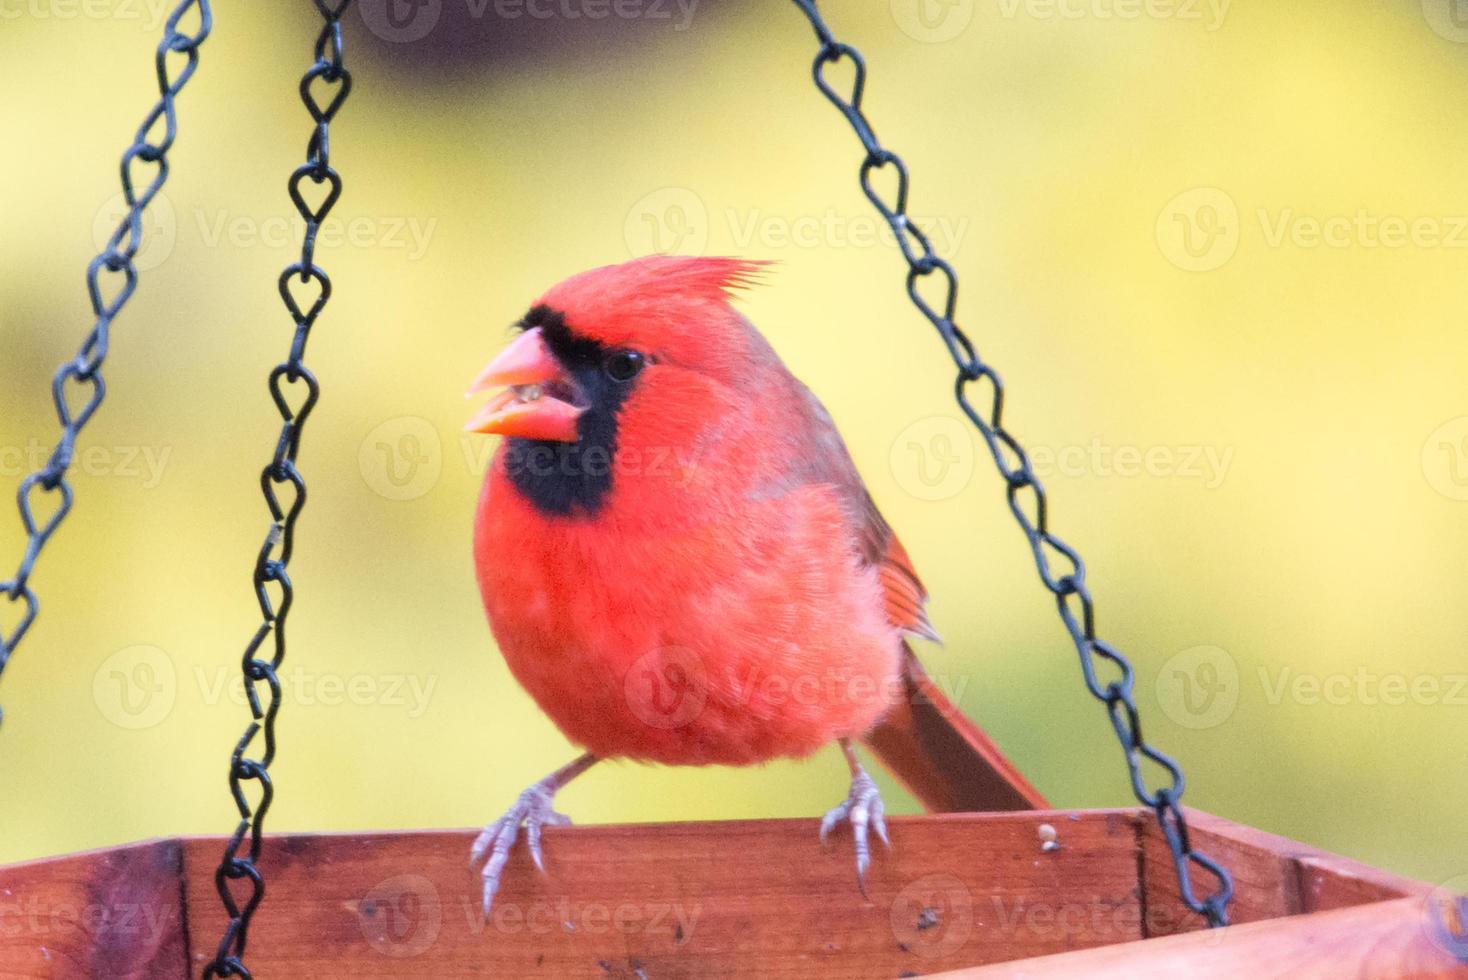 cardinal rouge mangeant à la mangeoire photo